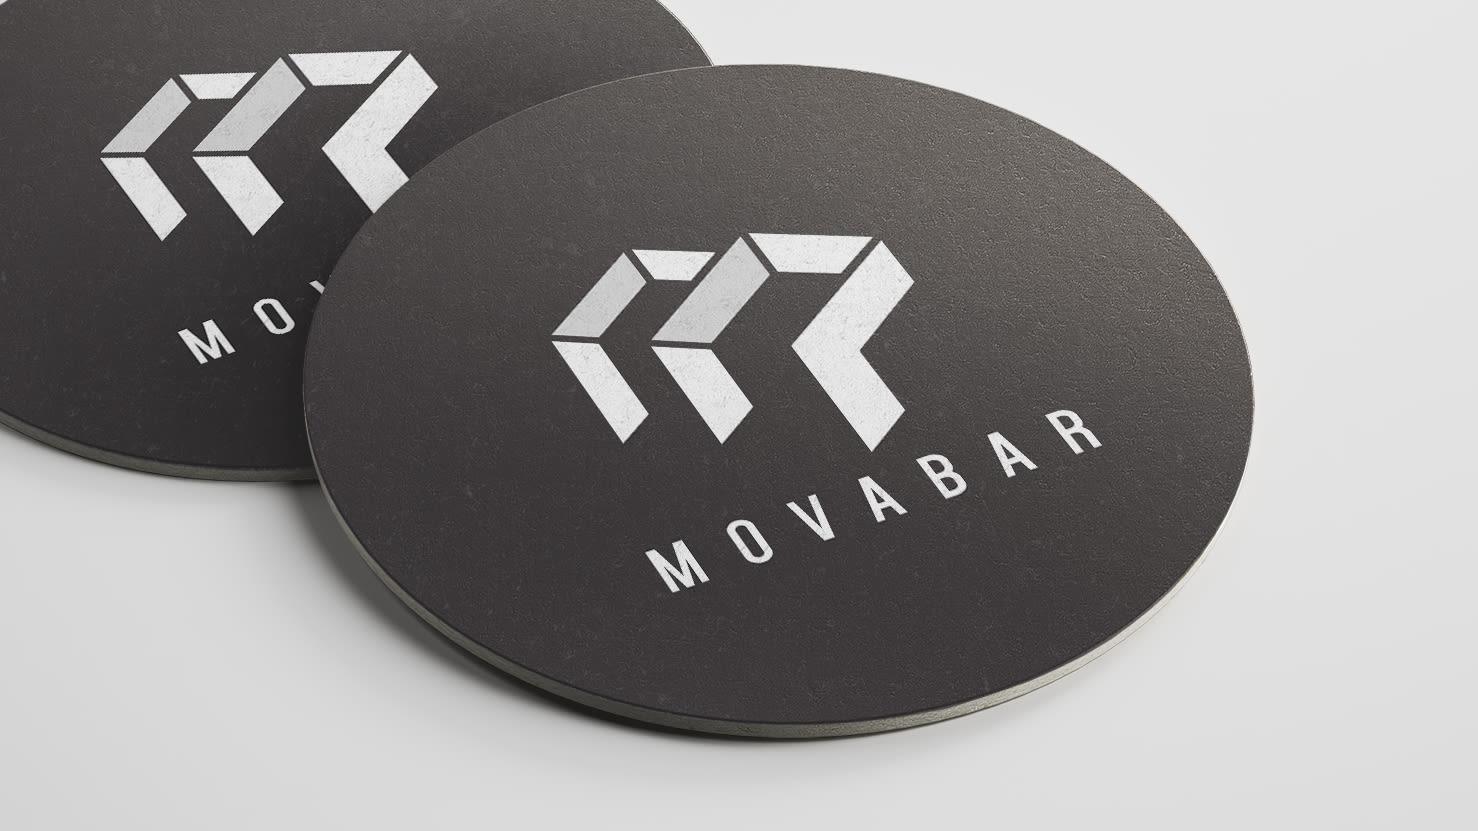 Movabar